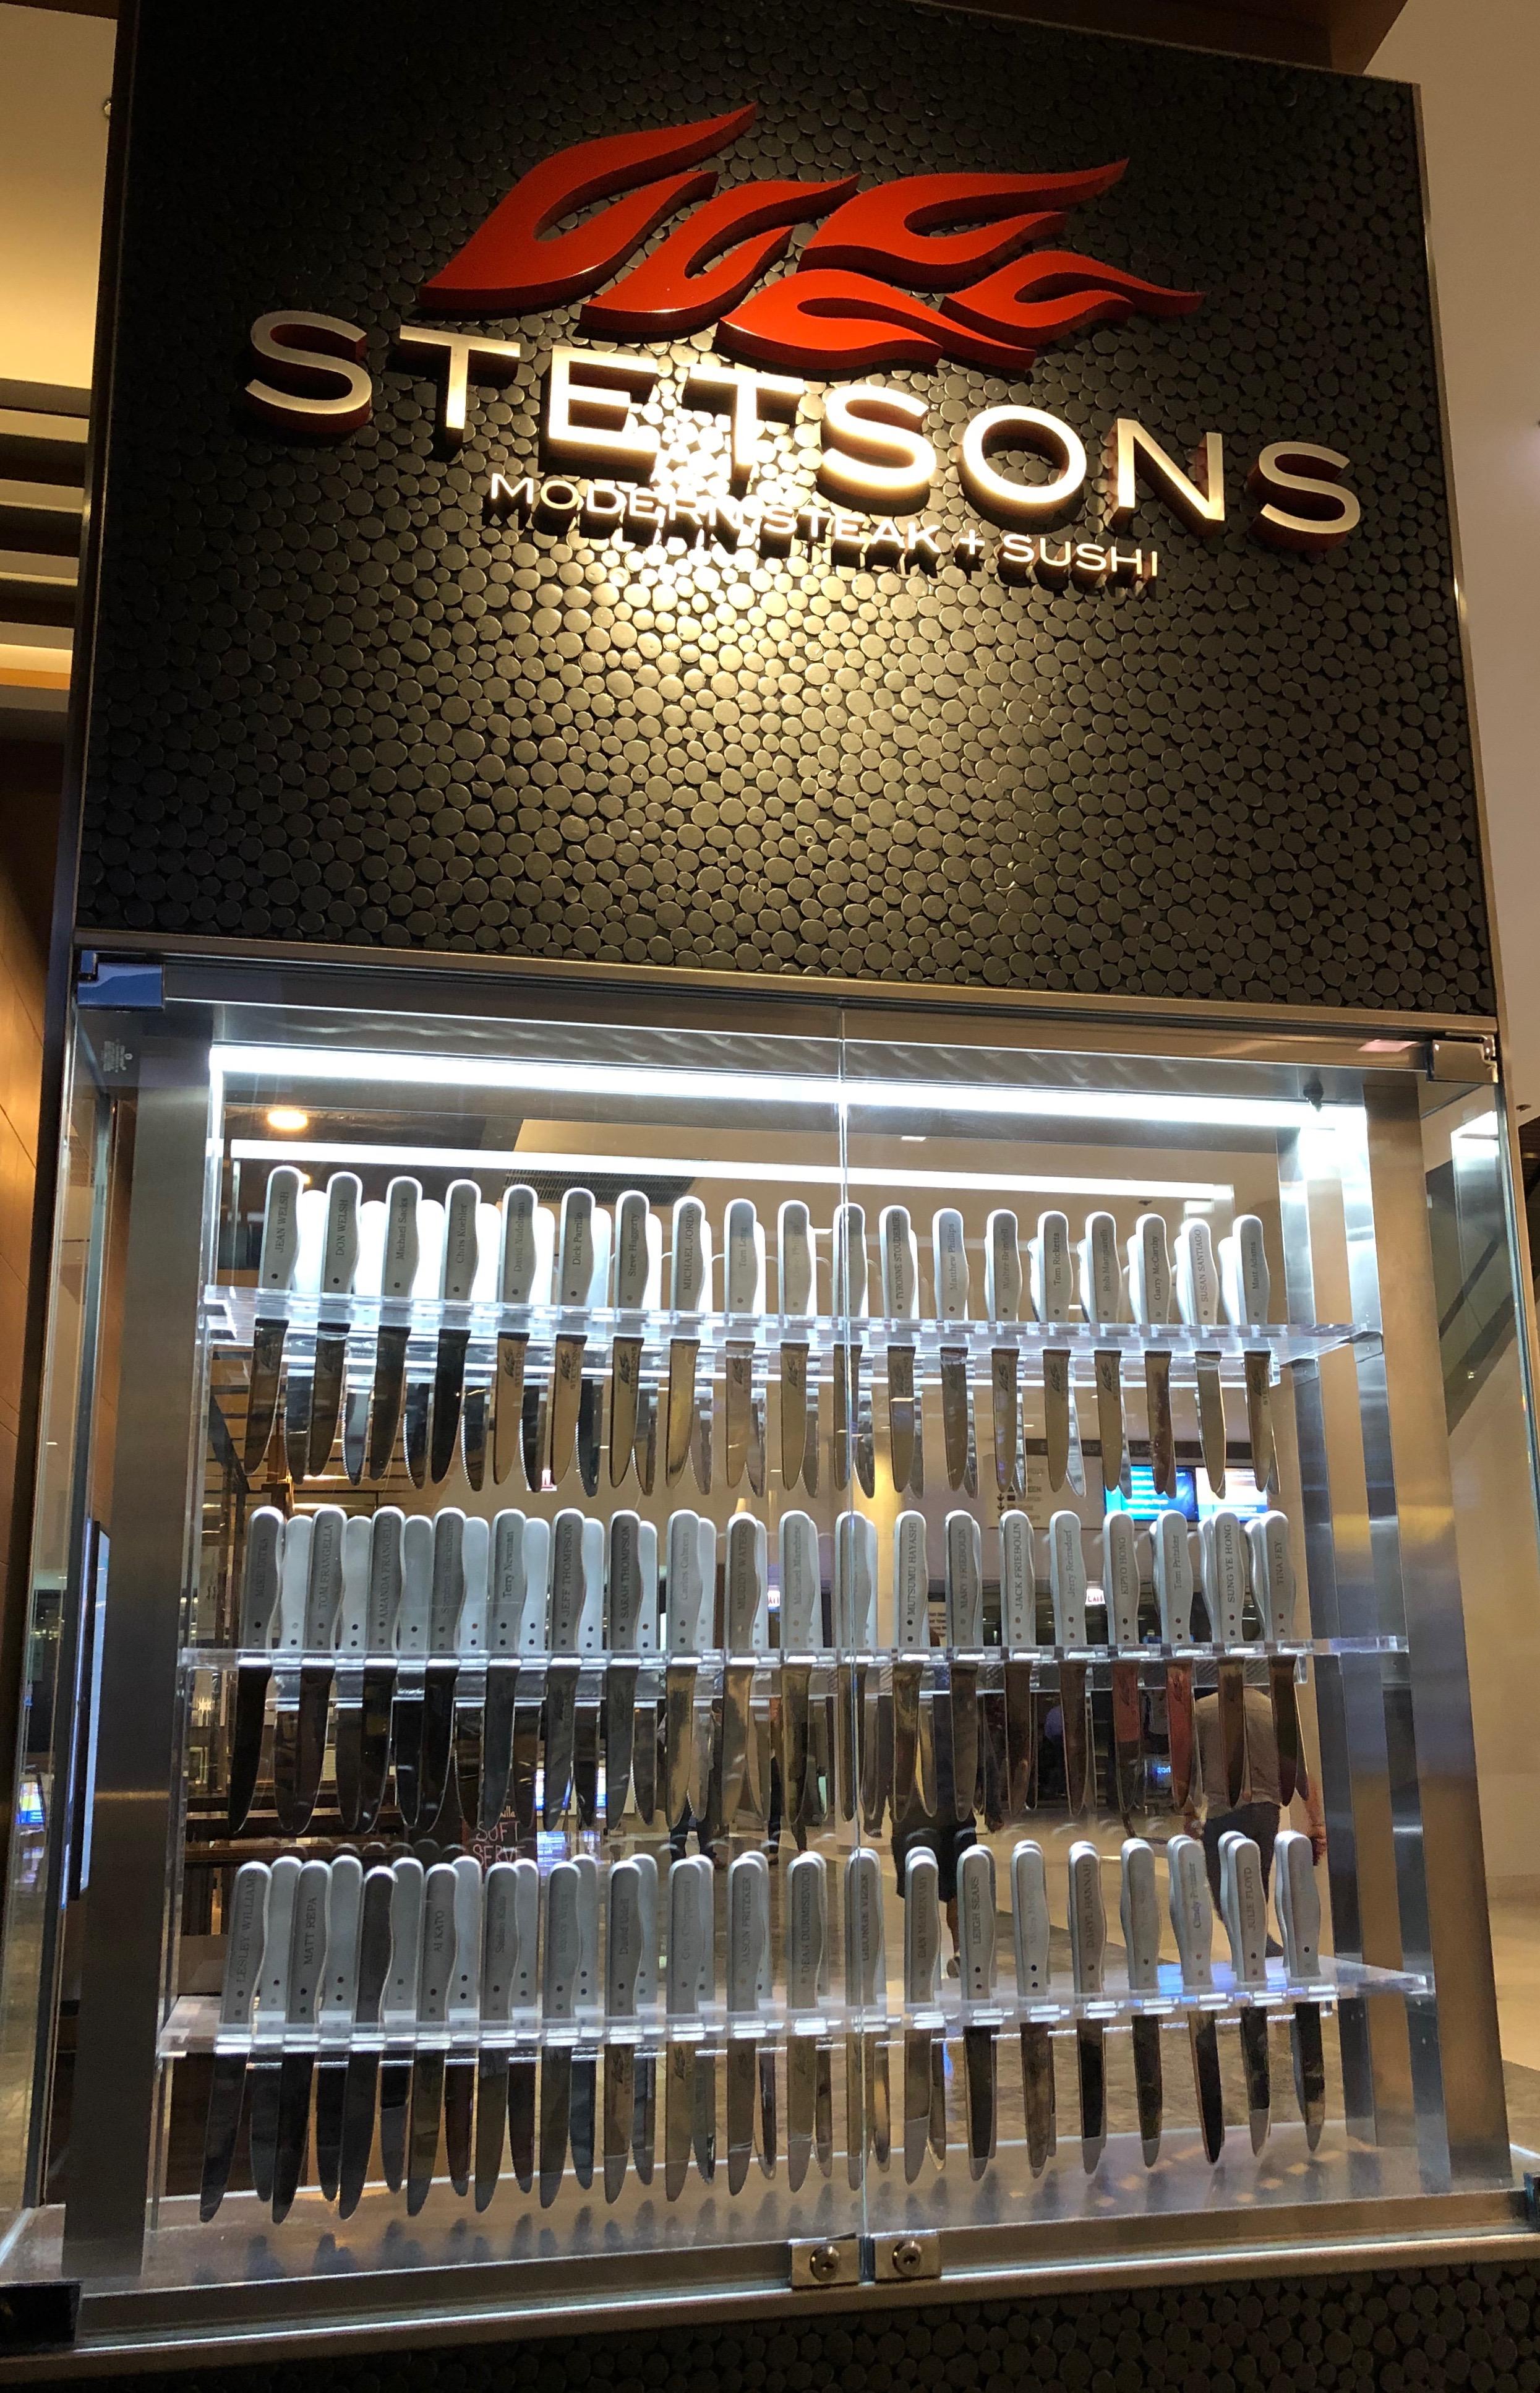 Entrance, Stetsons Modern Steak + Sushi, Hyatt Regency Chicago, Illinois